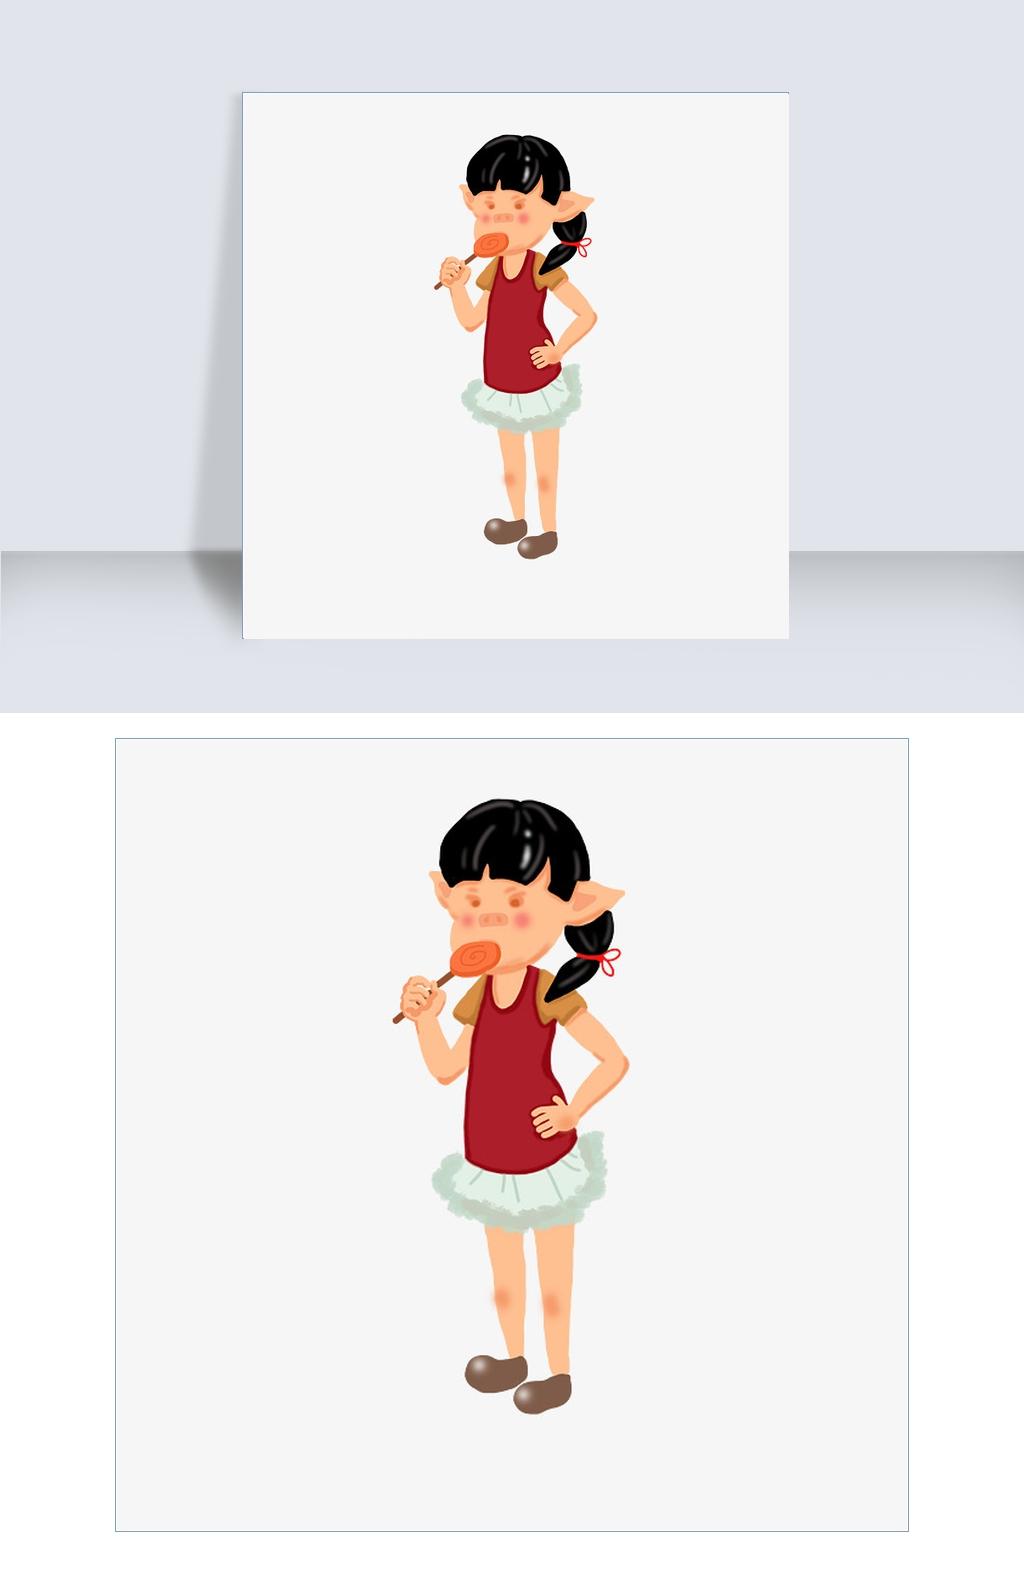 2019年猪年插图可爱猪吃棒棒糖PNG吉祥中秋上班表情图图片